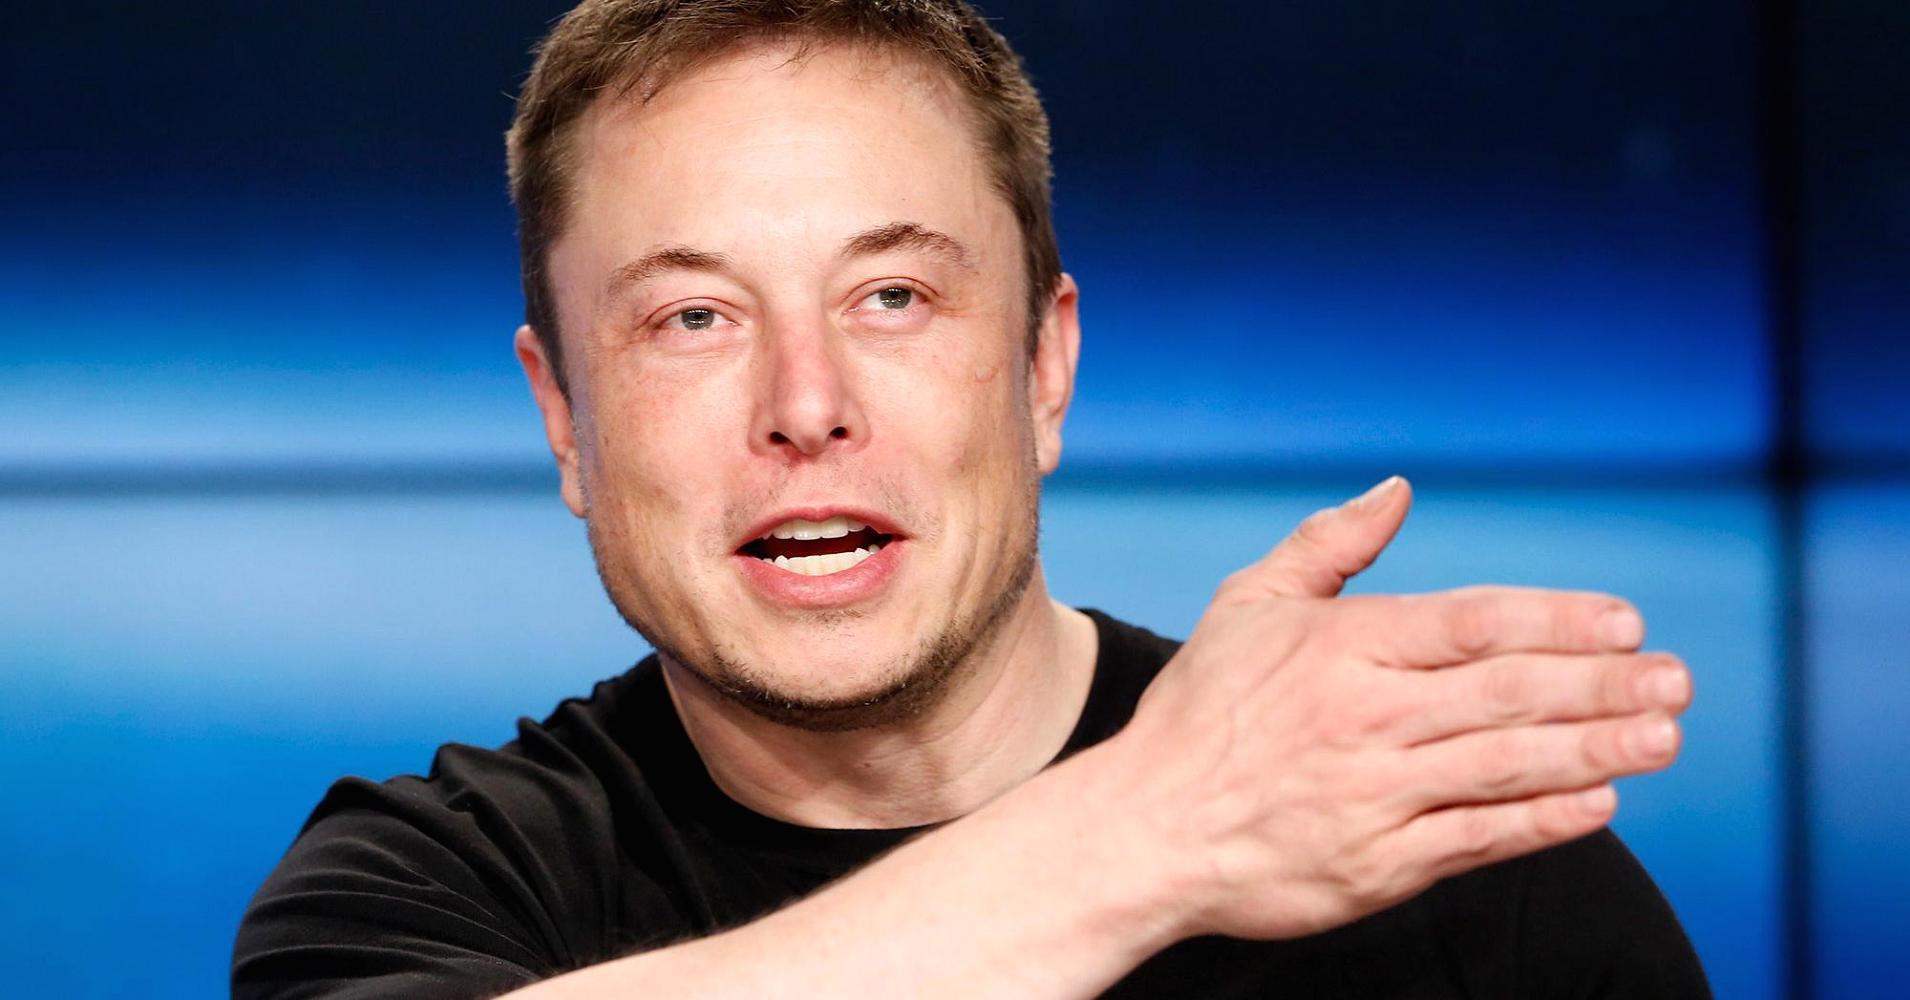 Elon Musk: Chủ nghĩa phát xít kiểm dịch trong nước bắt buộc. Cần phải hủy bỏ 1